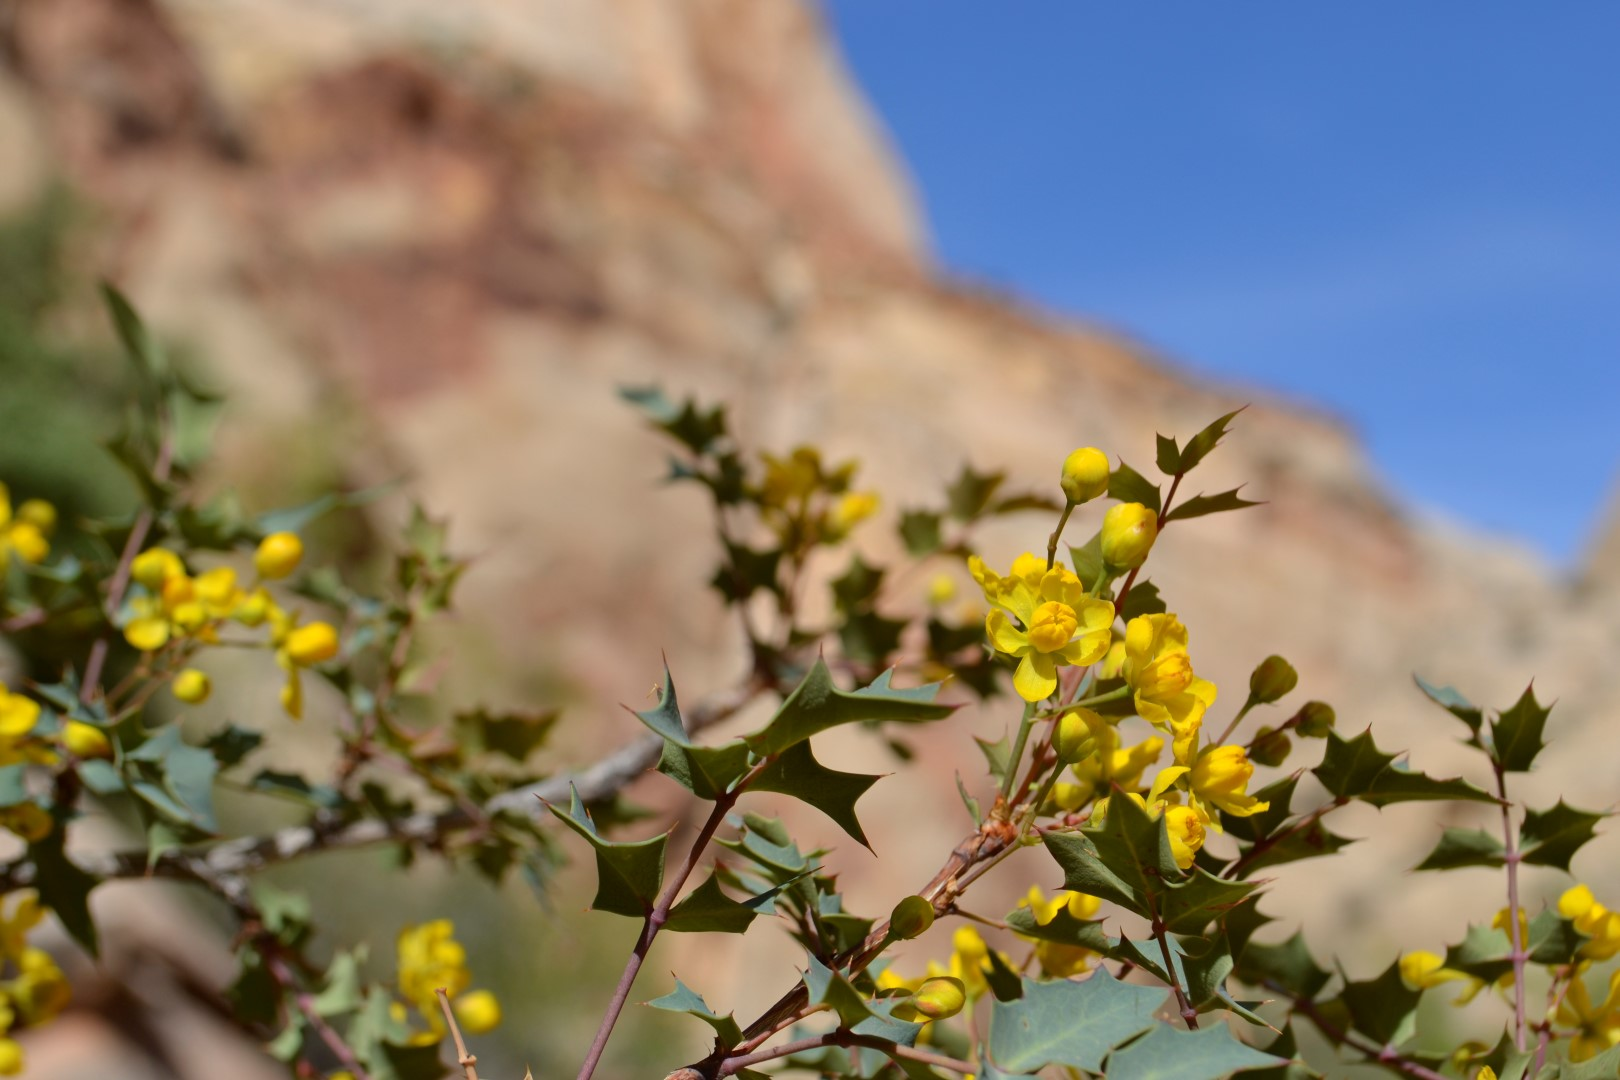 Utah wildflowers, photo: Andy Bruner